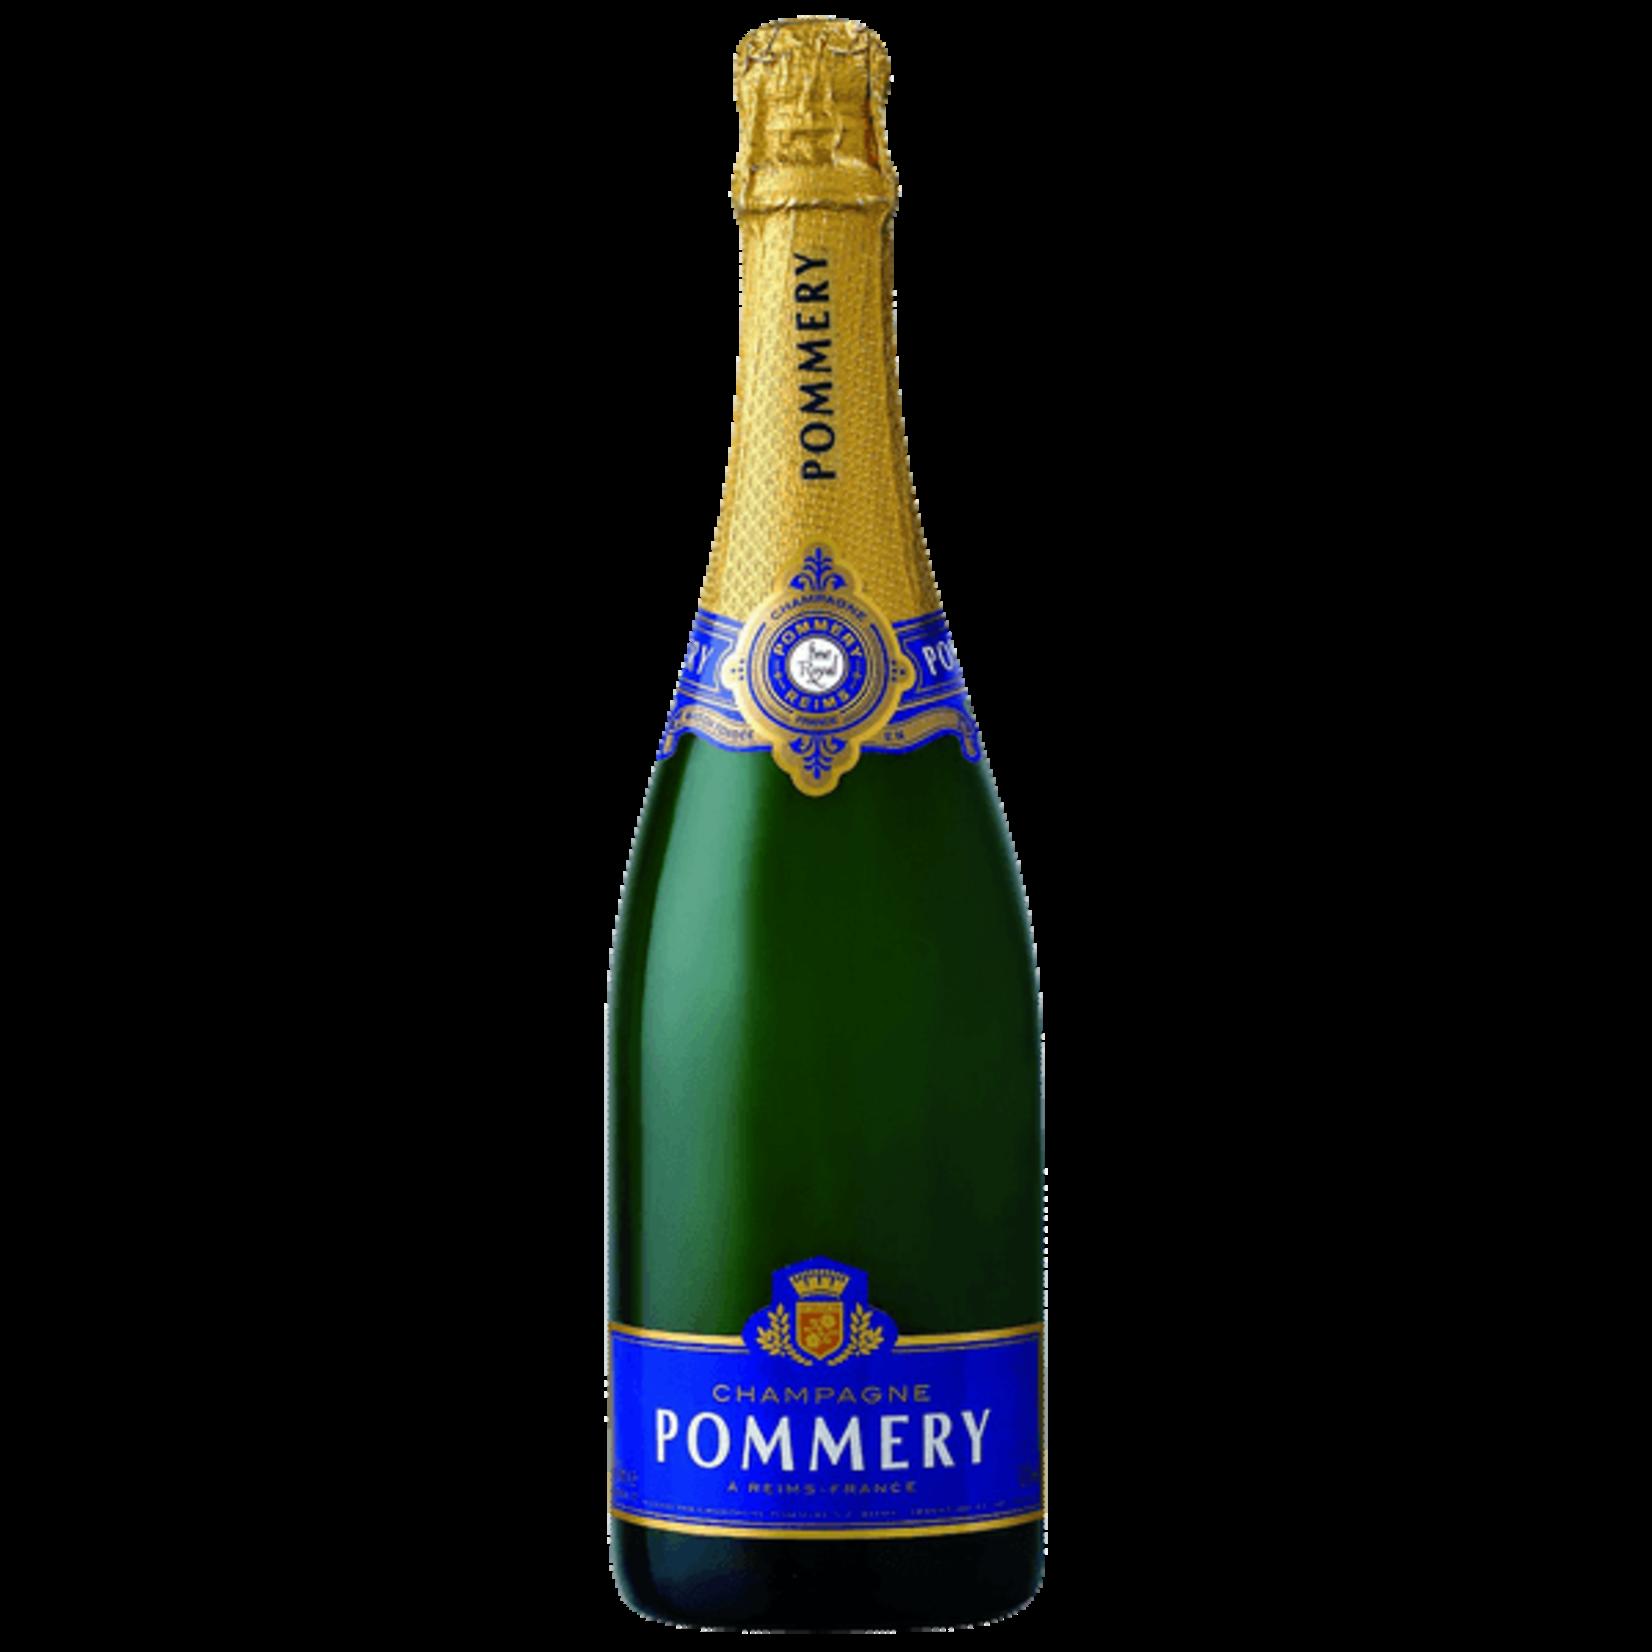 Sparkling Pommery Brut Royal Champagne NV 3L